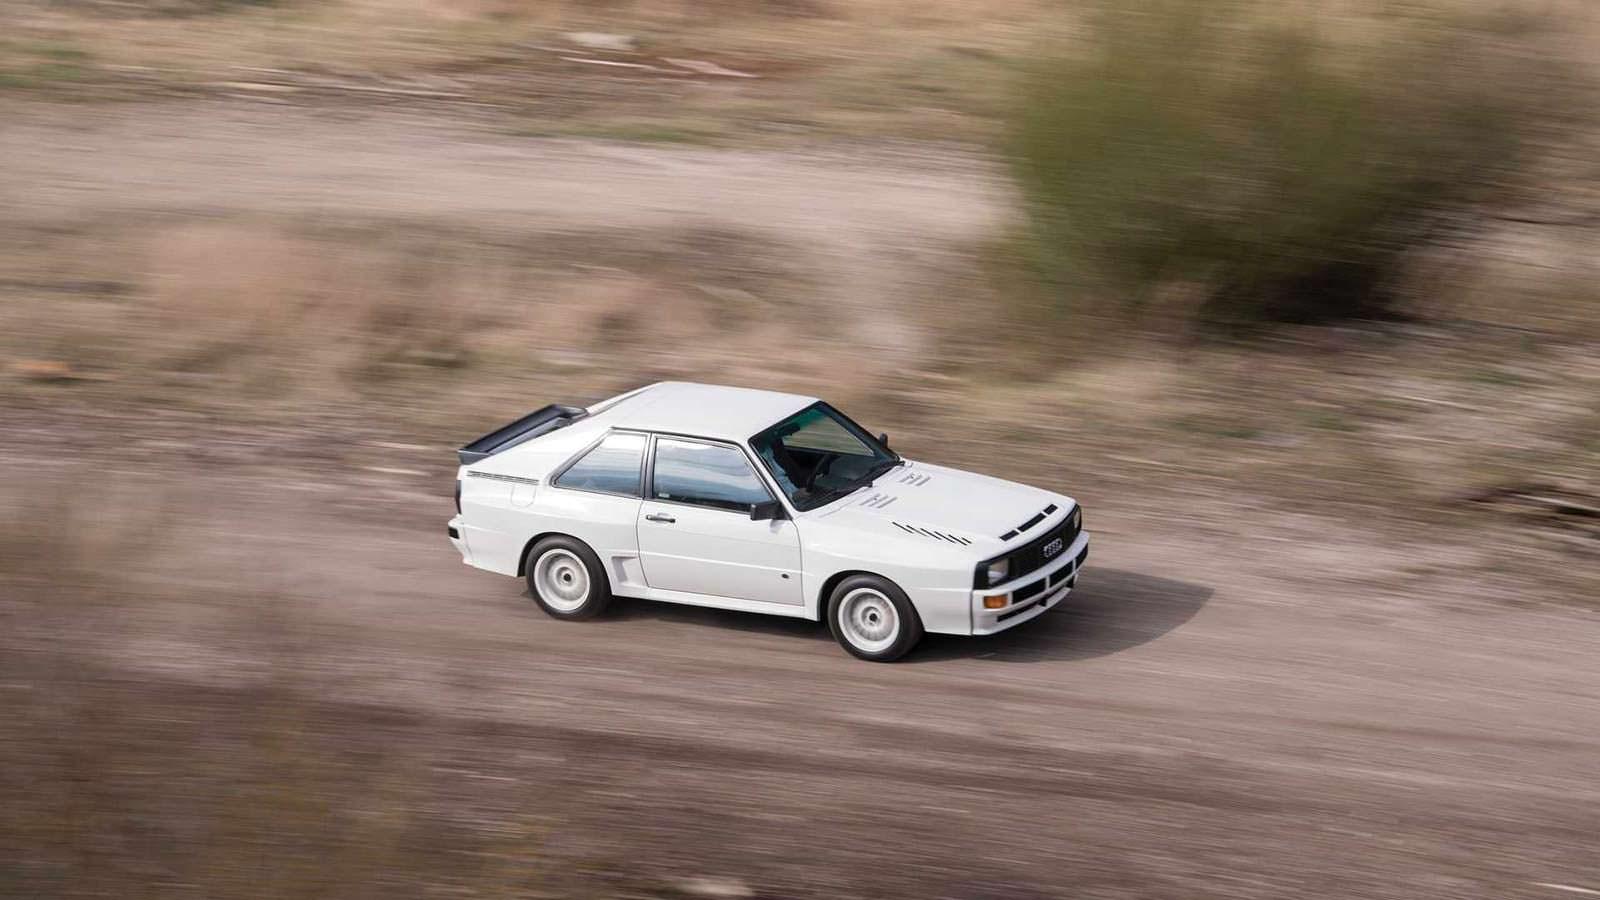 Фото | Audi Sport Quattro 1984 года выпуска